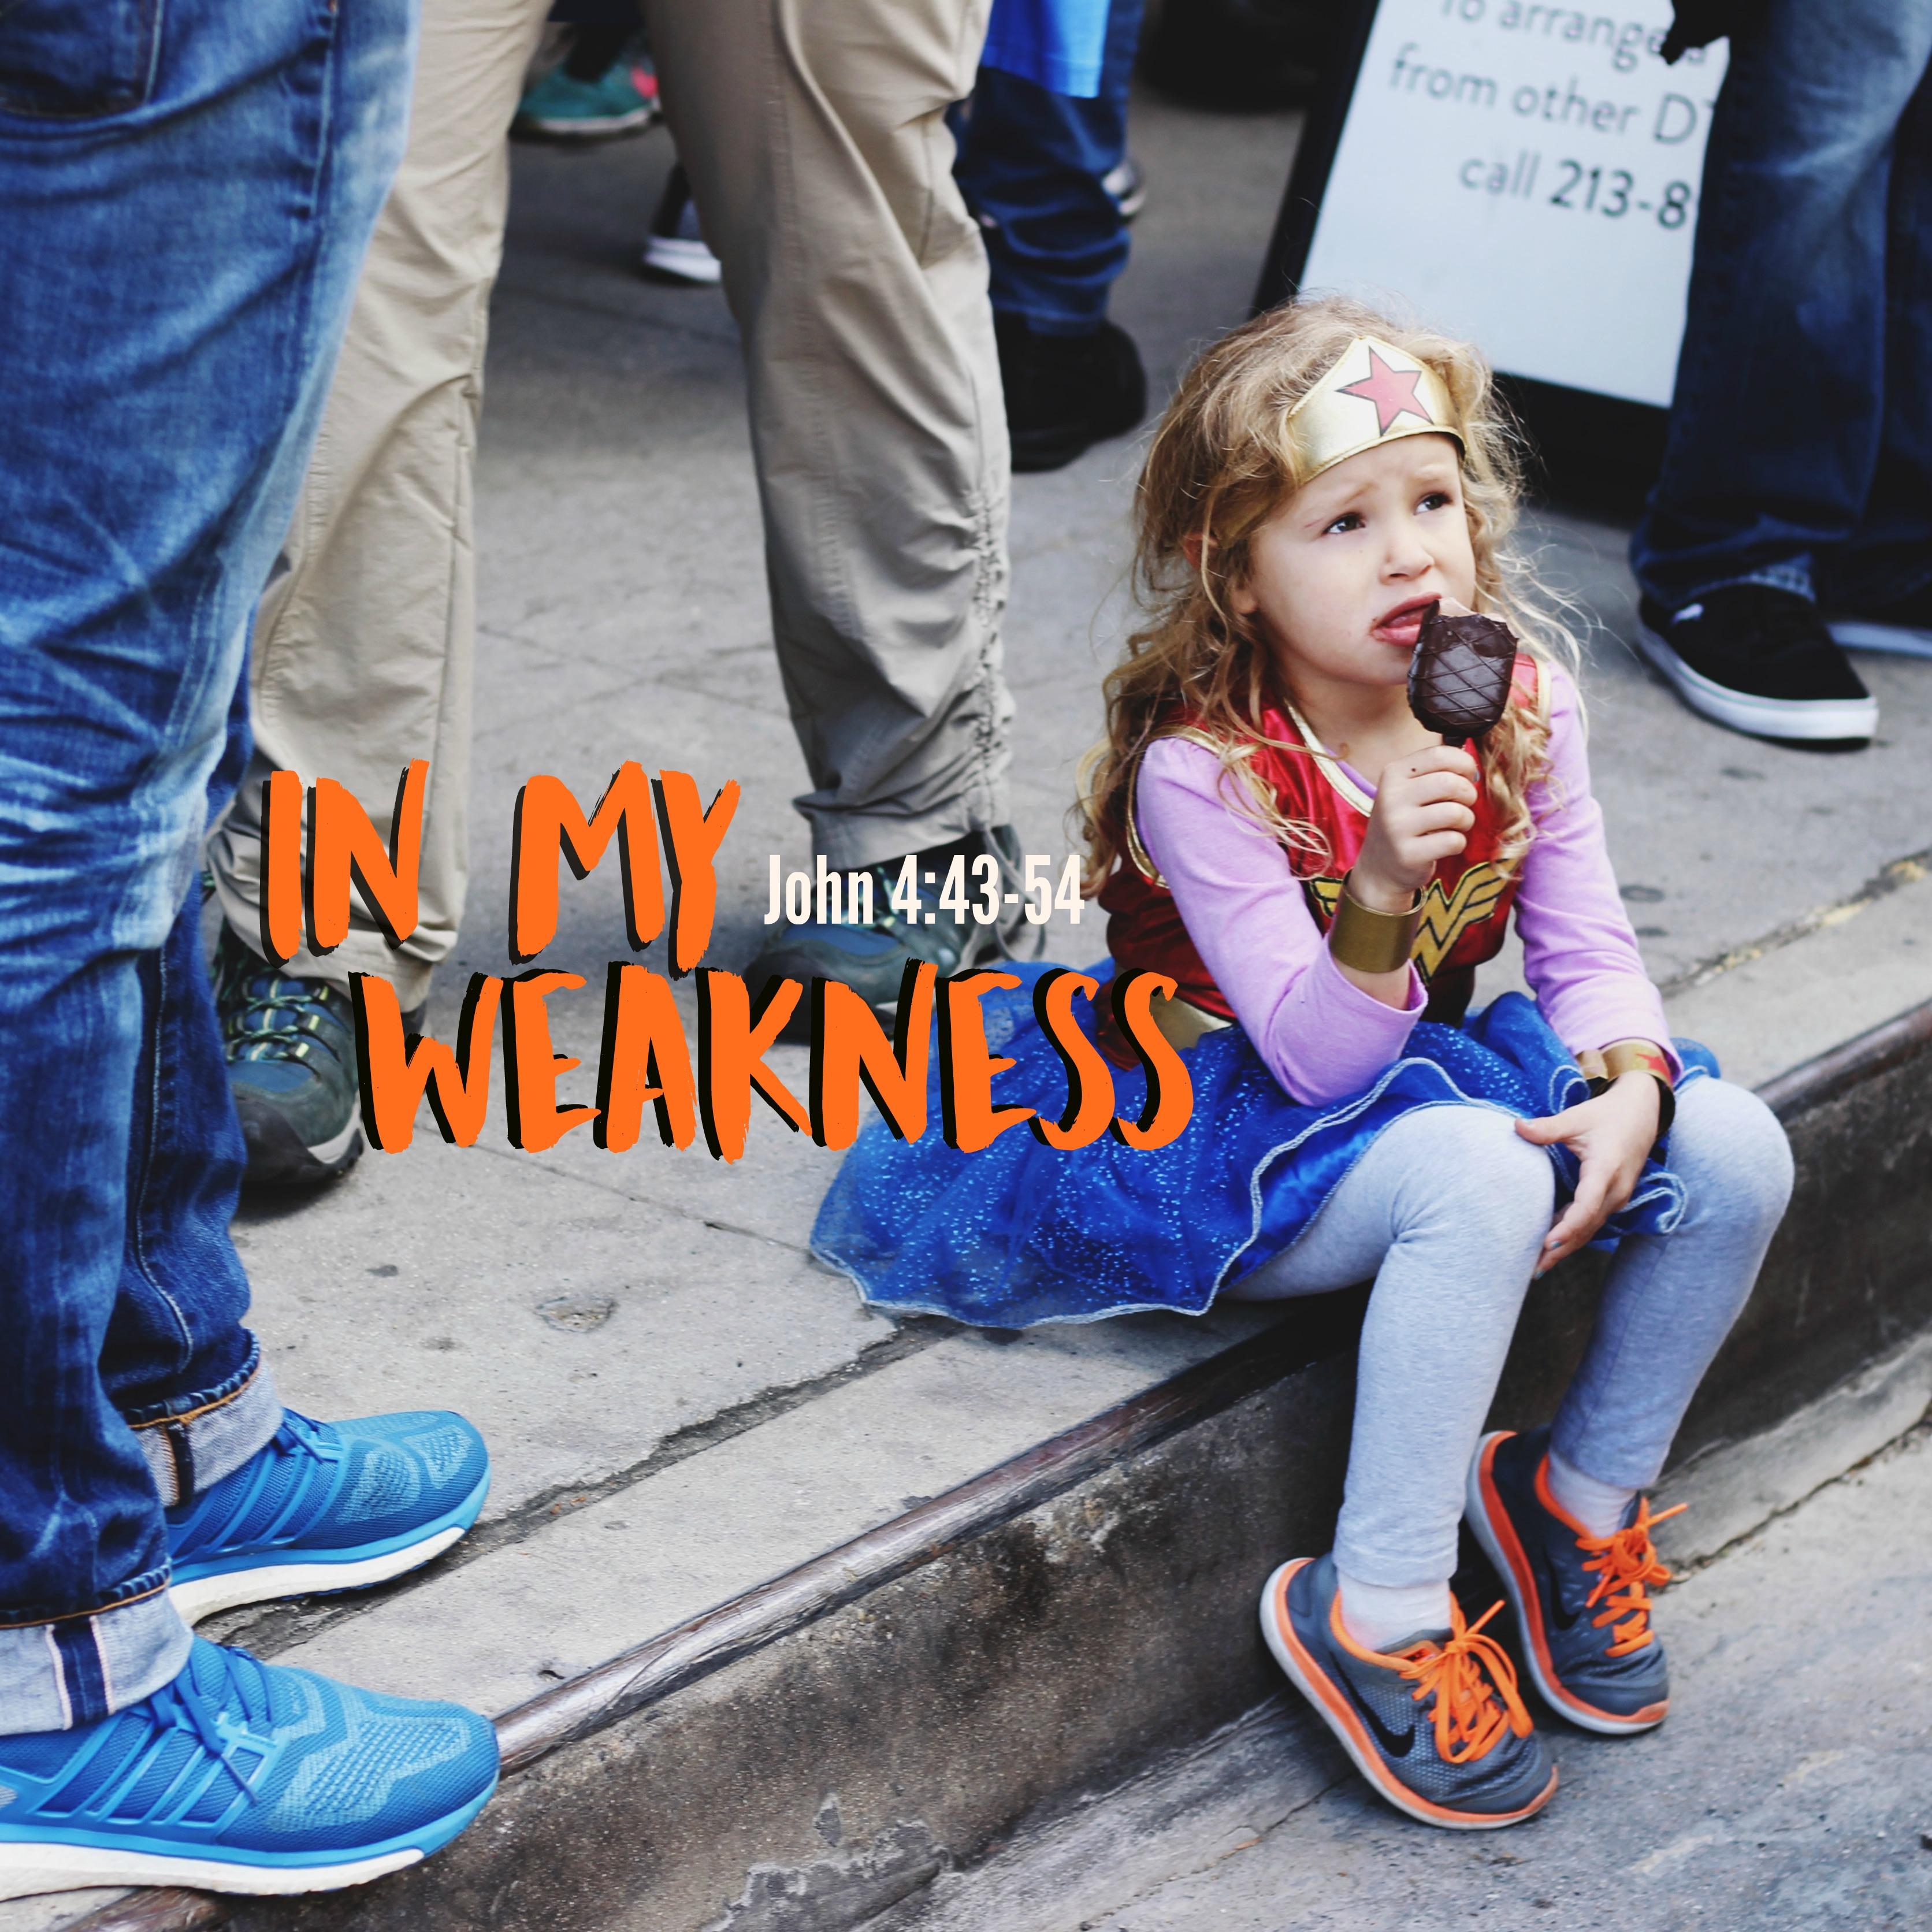 In my Weakness